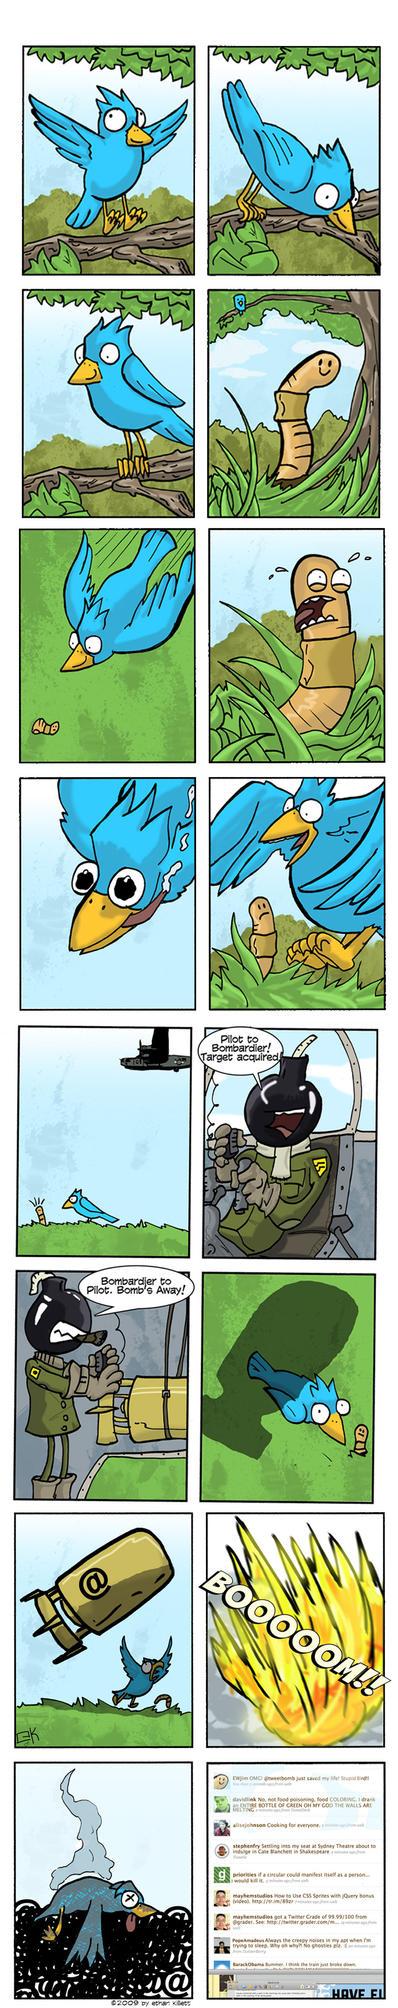 Tweet Bomb Comic by ekillett